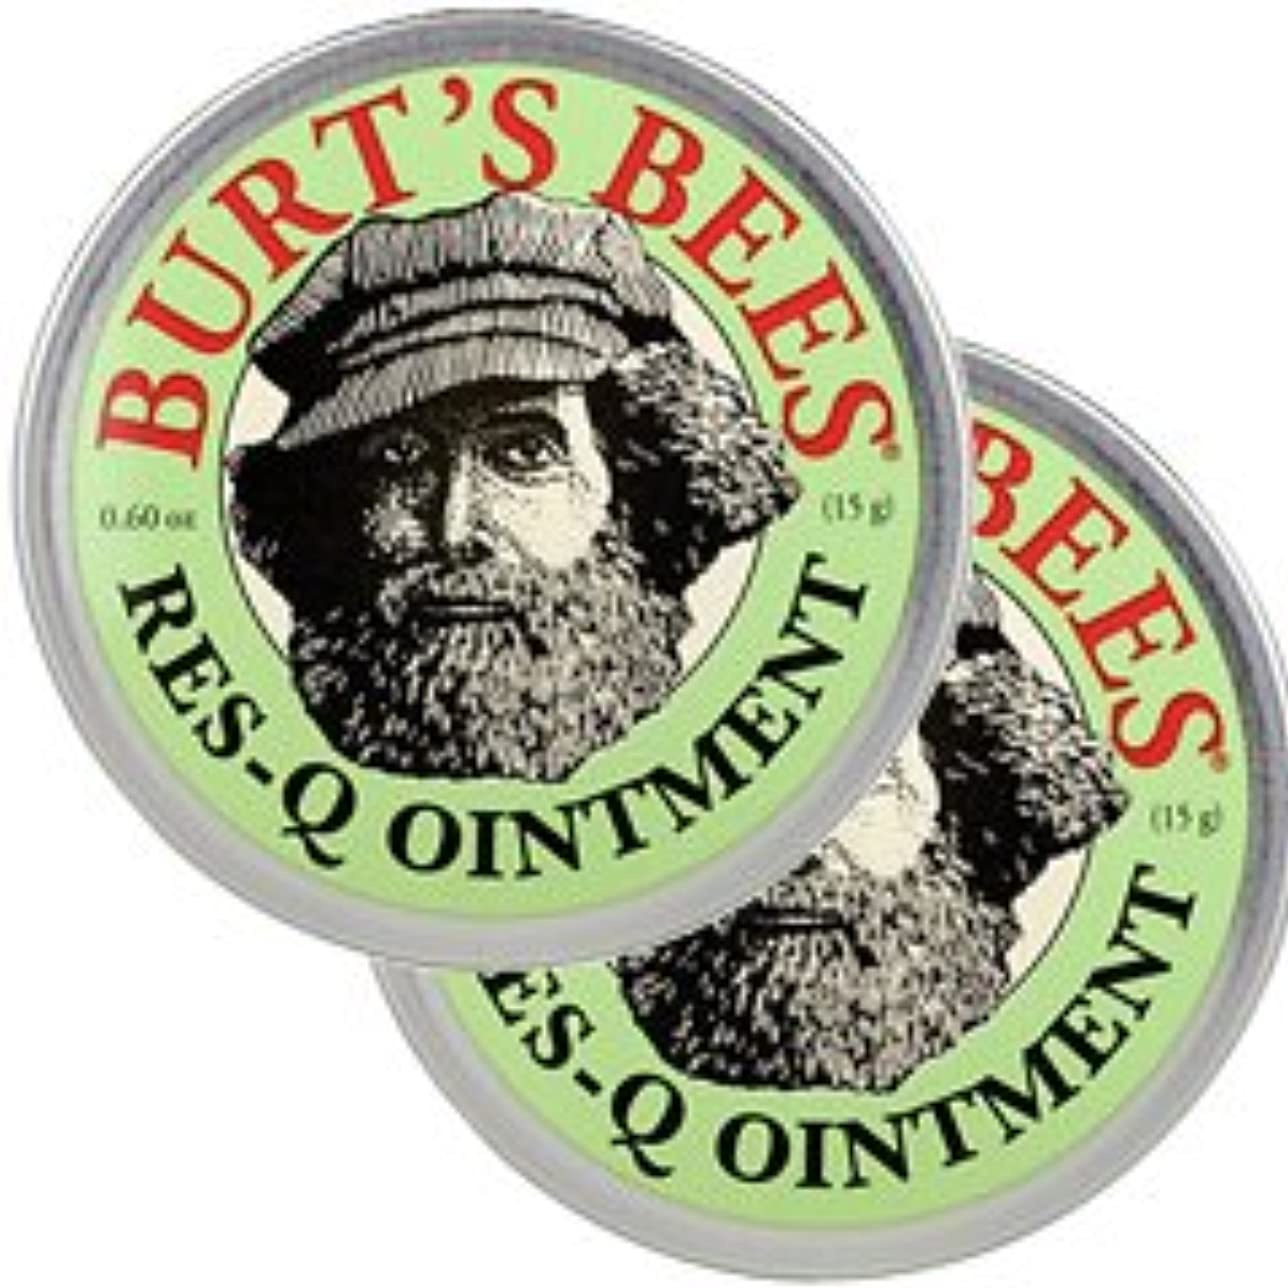 建築家毒液シングルバーツビーズ(Burt's Bees)レスキュー オイントメント 17g 2個セット[並行輸入品][海外直送品]